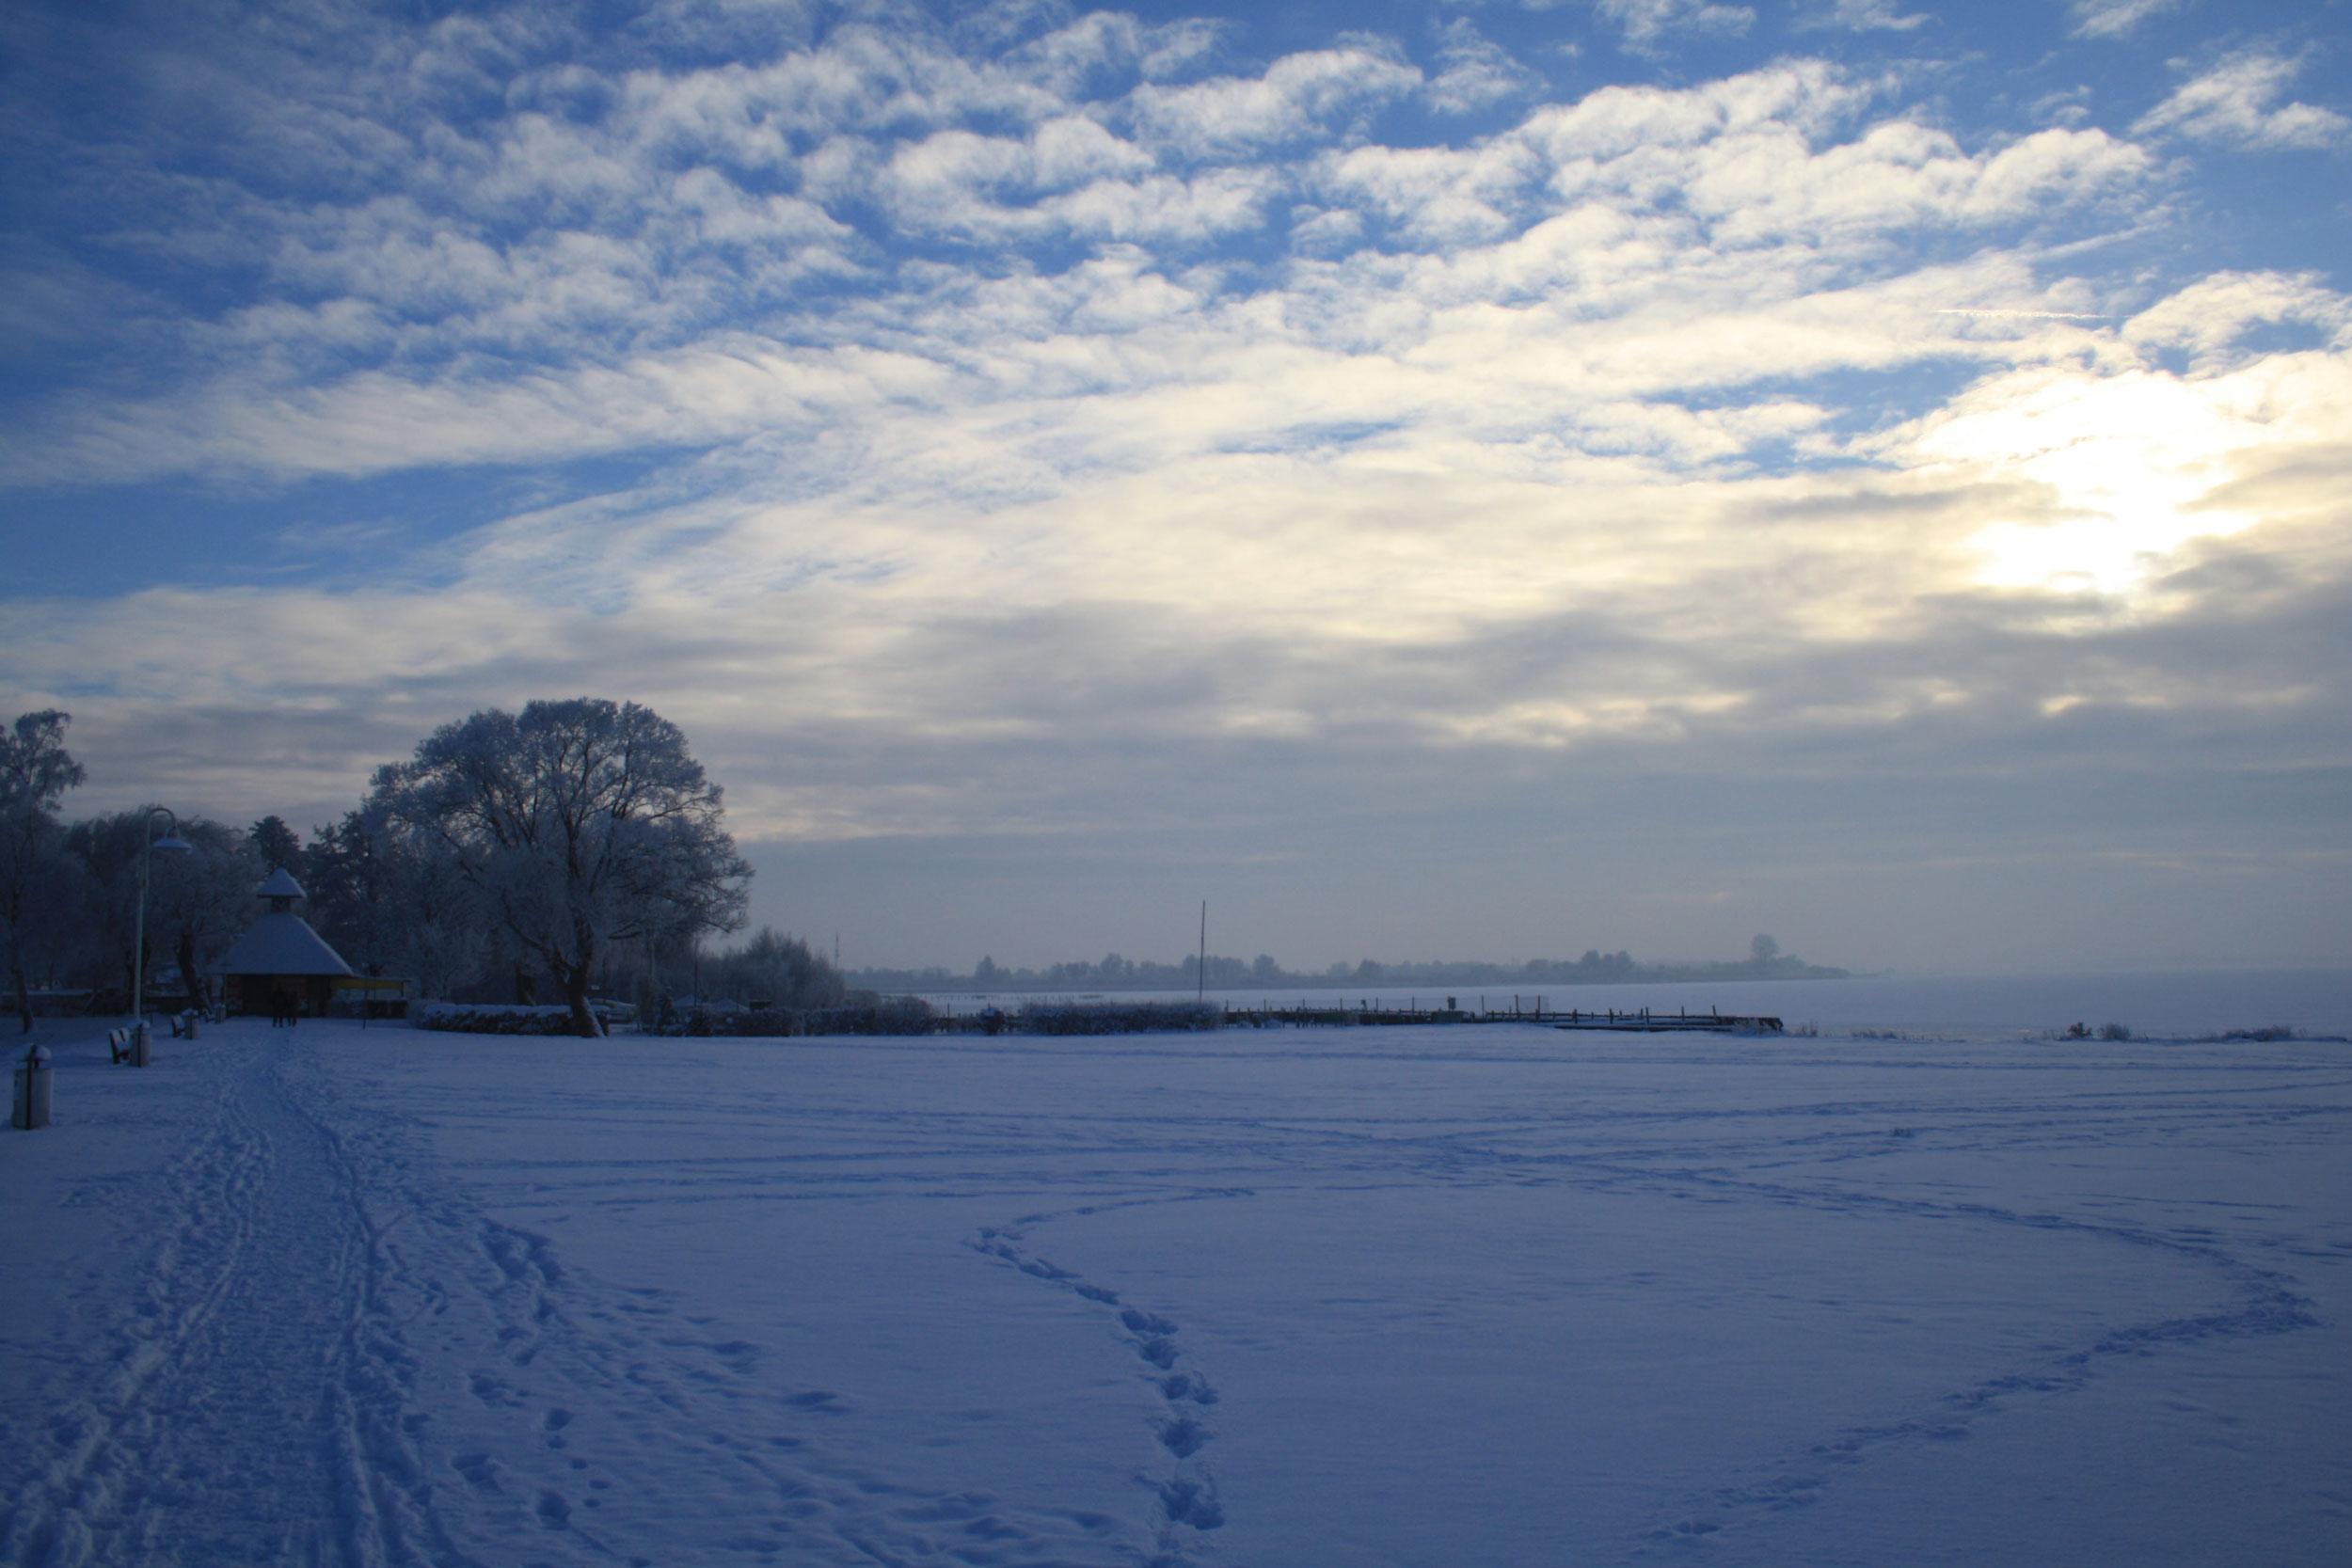 Blick vom Deich auf den zugefrorenen Dümmer See mit Schnee